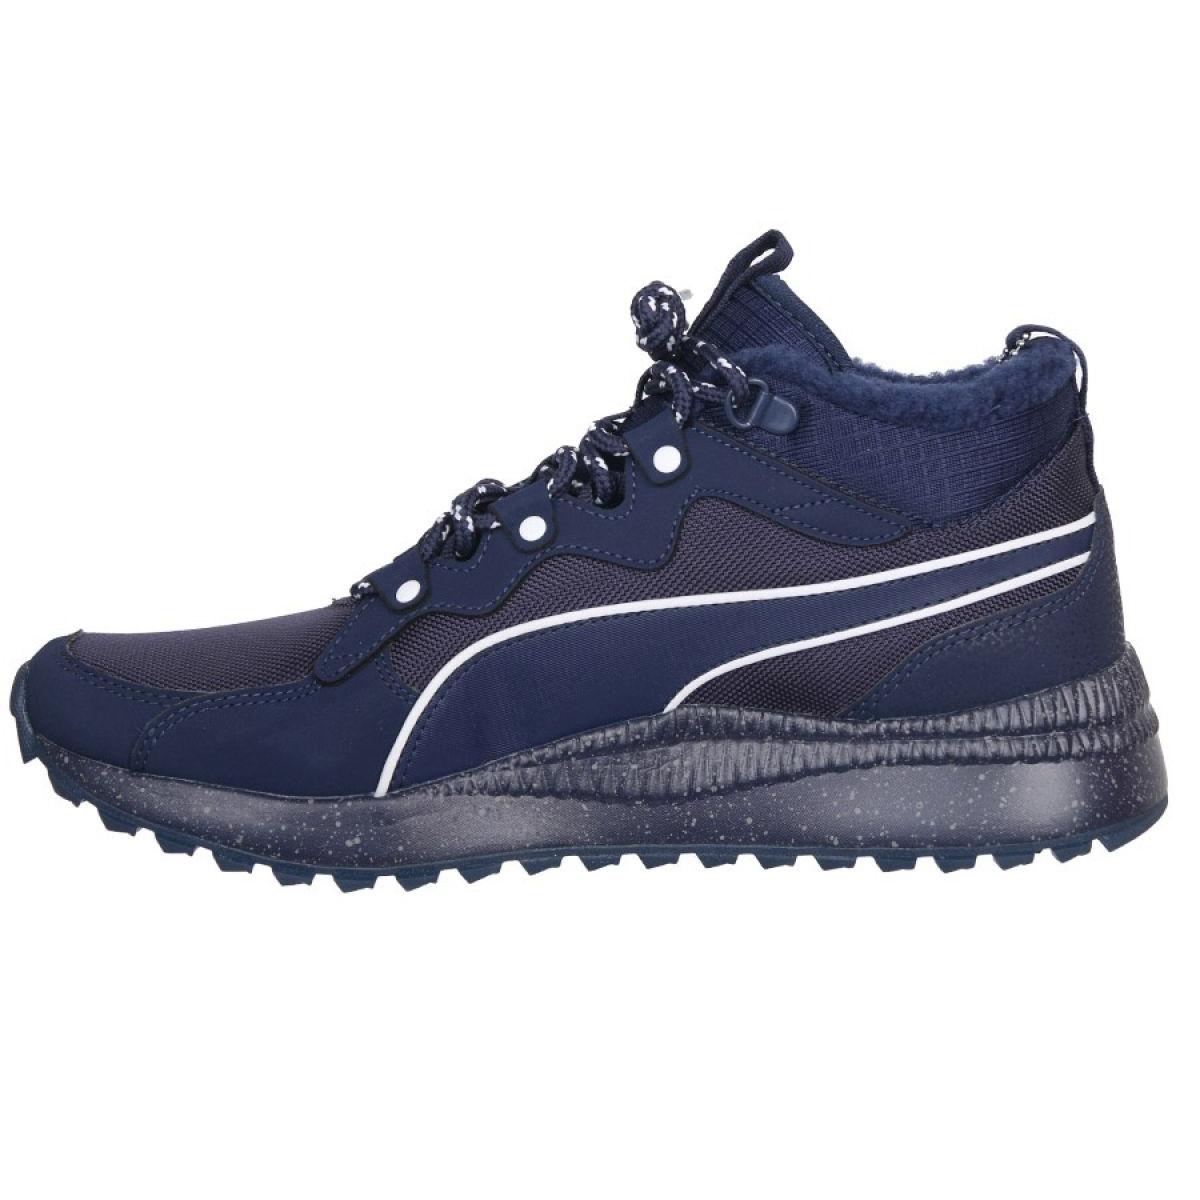 Shoes Puma Pacer Next Sb Wtr M 366936